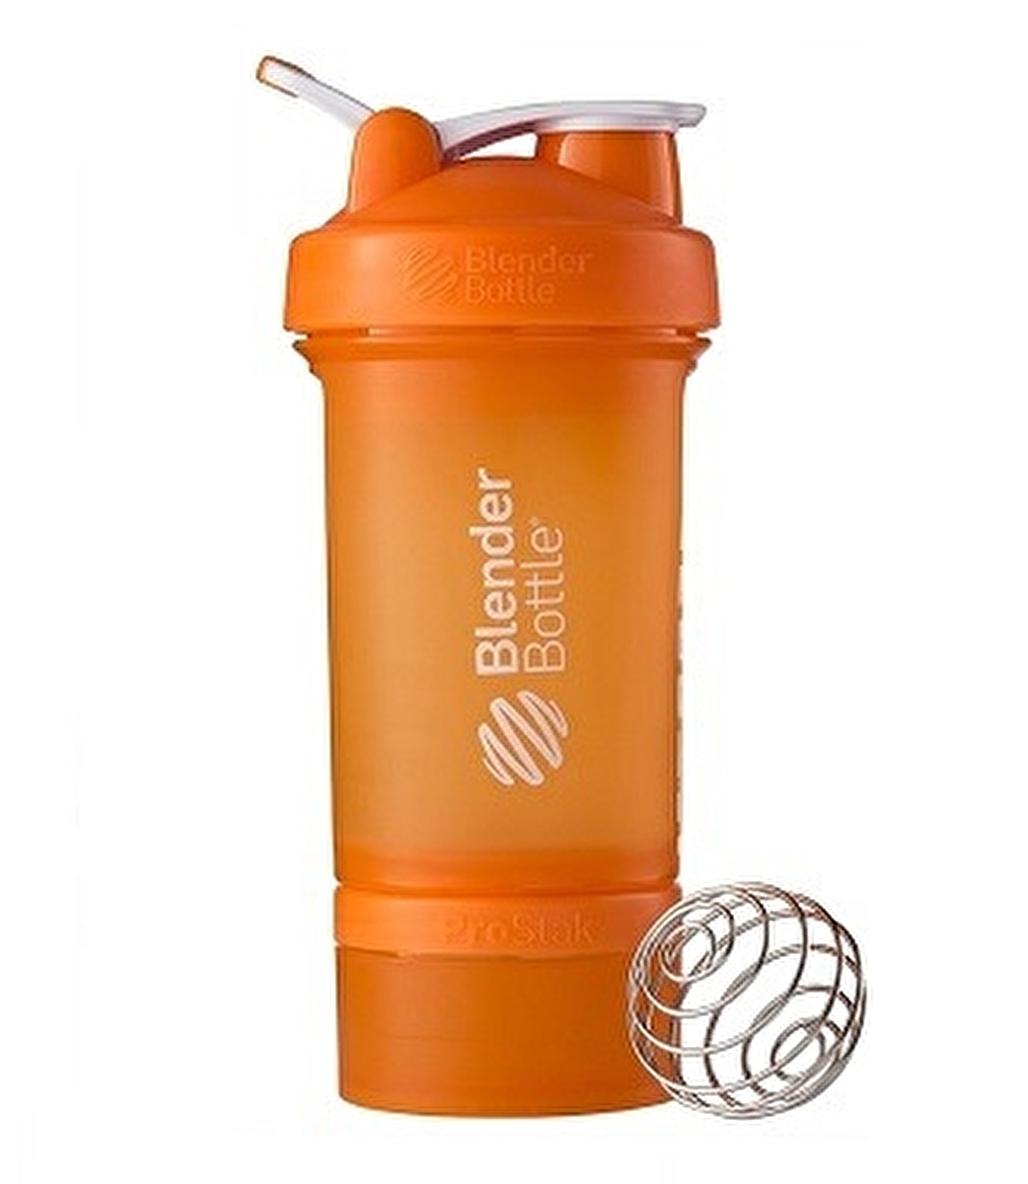 Blender Bottle Prostak Turuncu 450 ml